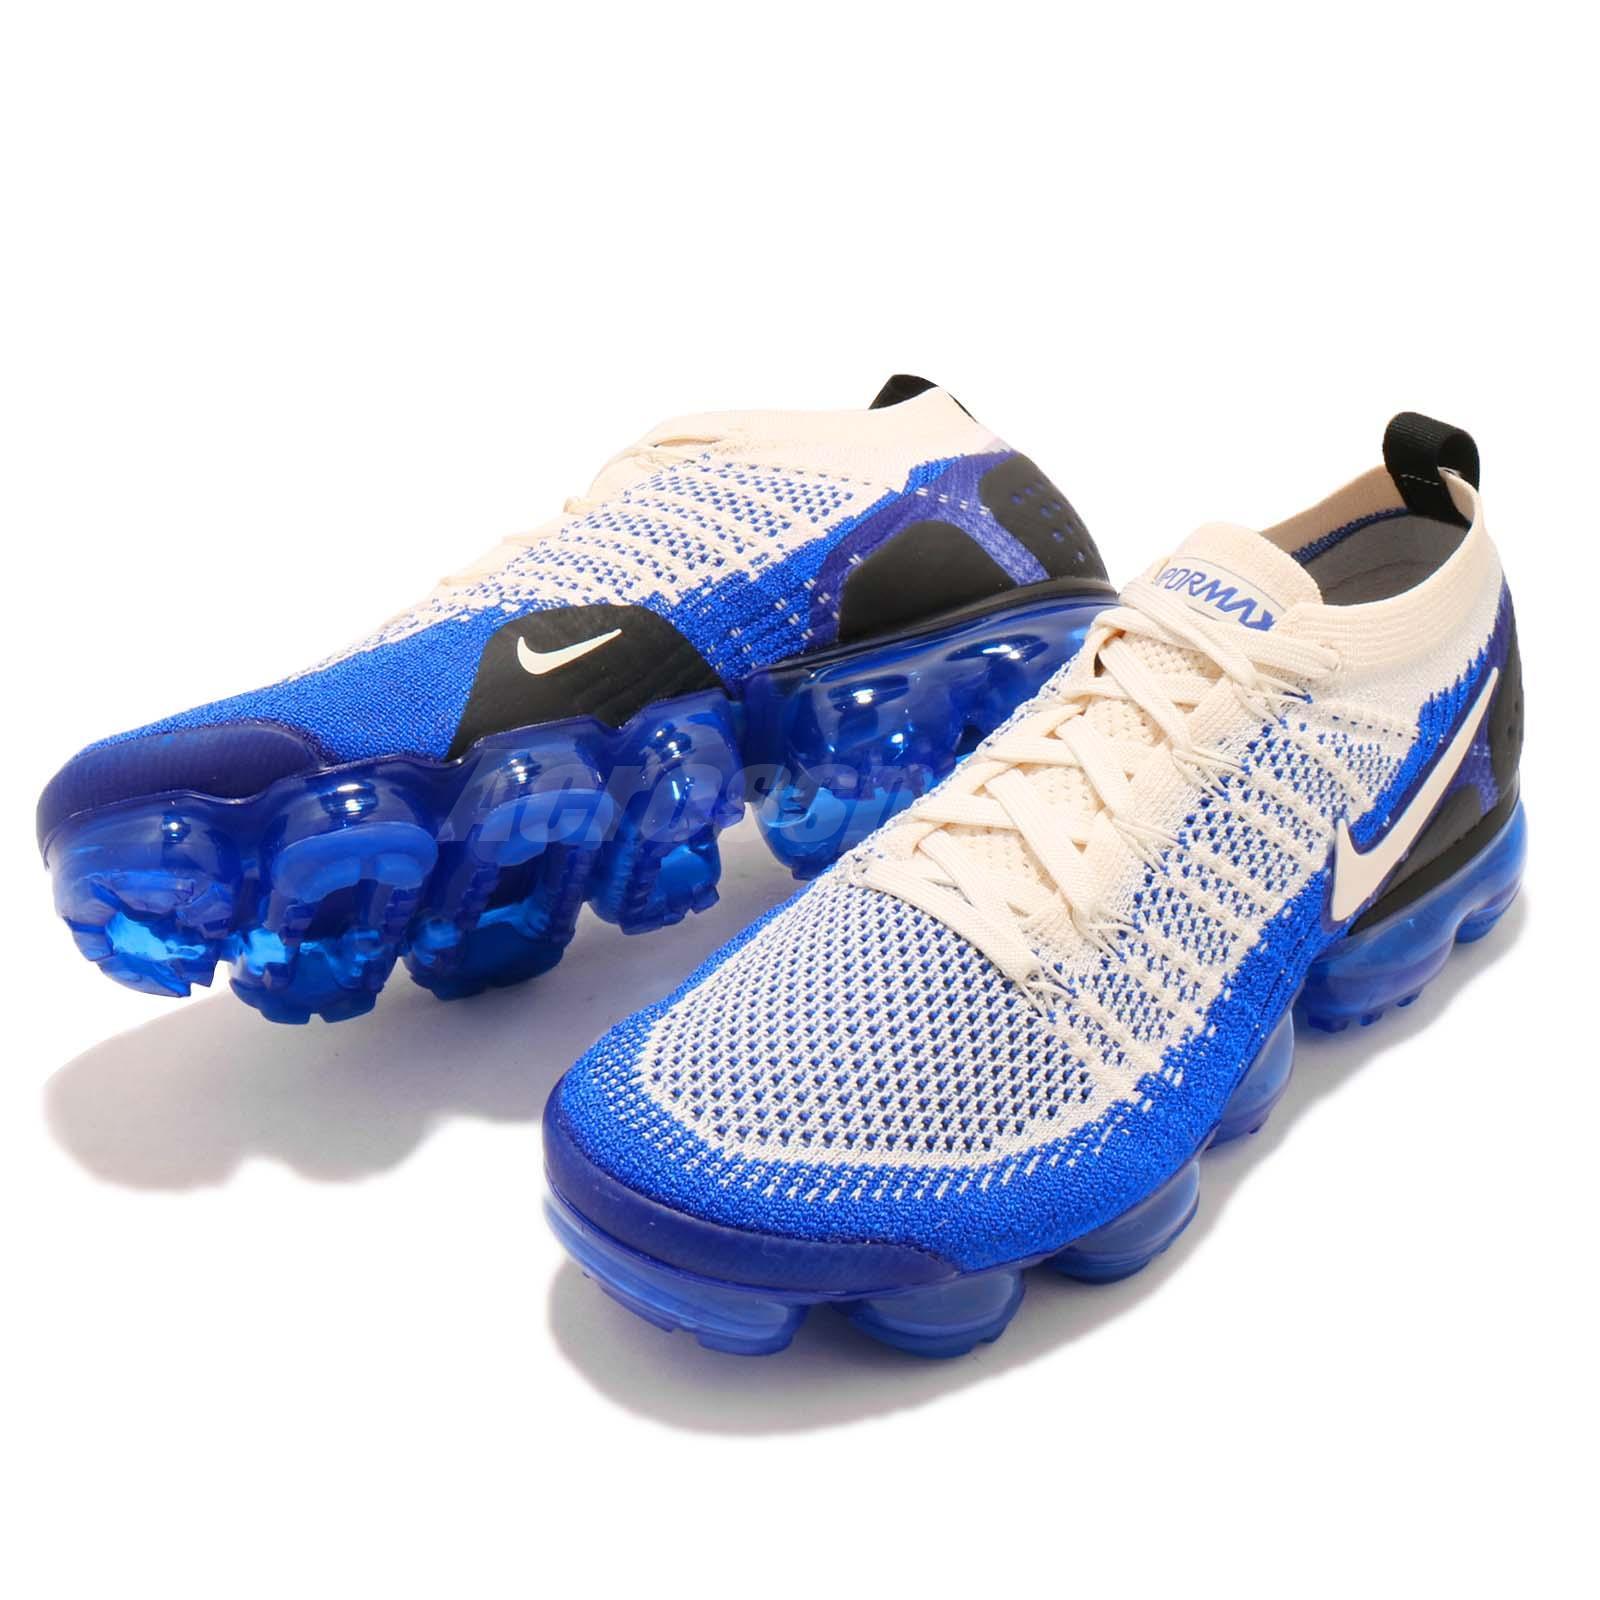 1f88e99a03 Nike Air Vapormax Flyknit 2 Light Cream Blue Mens Running Shoes Max 942842- 204 Men